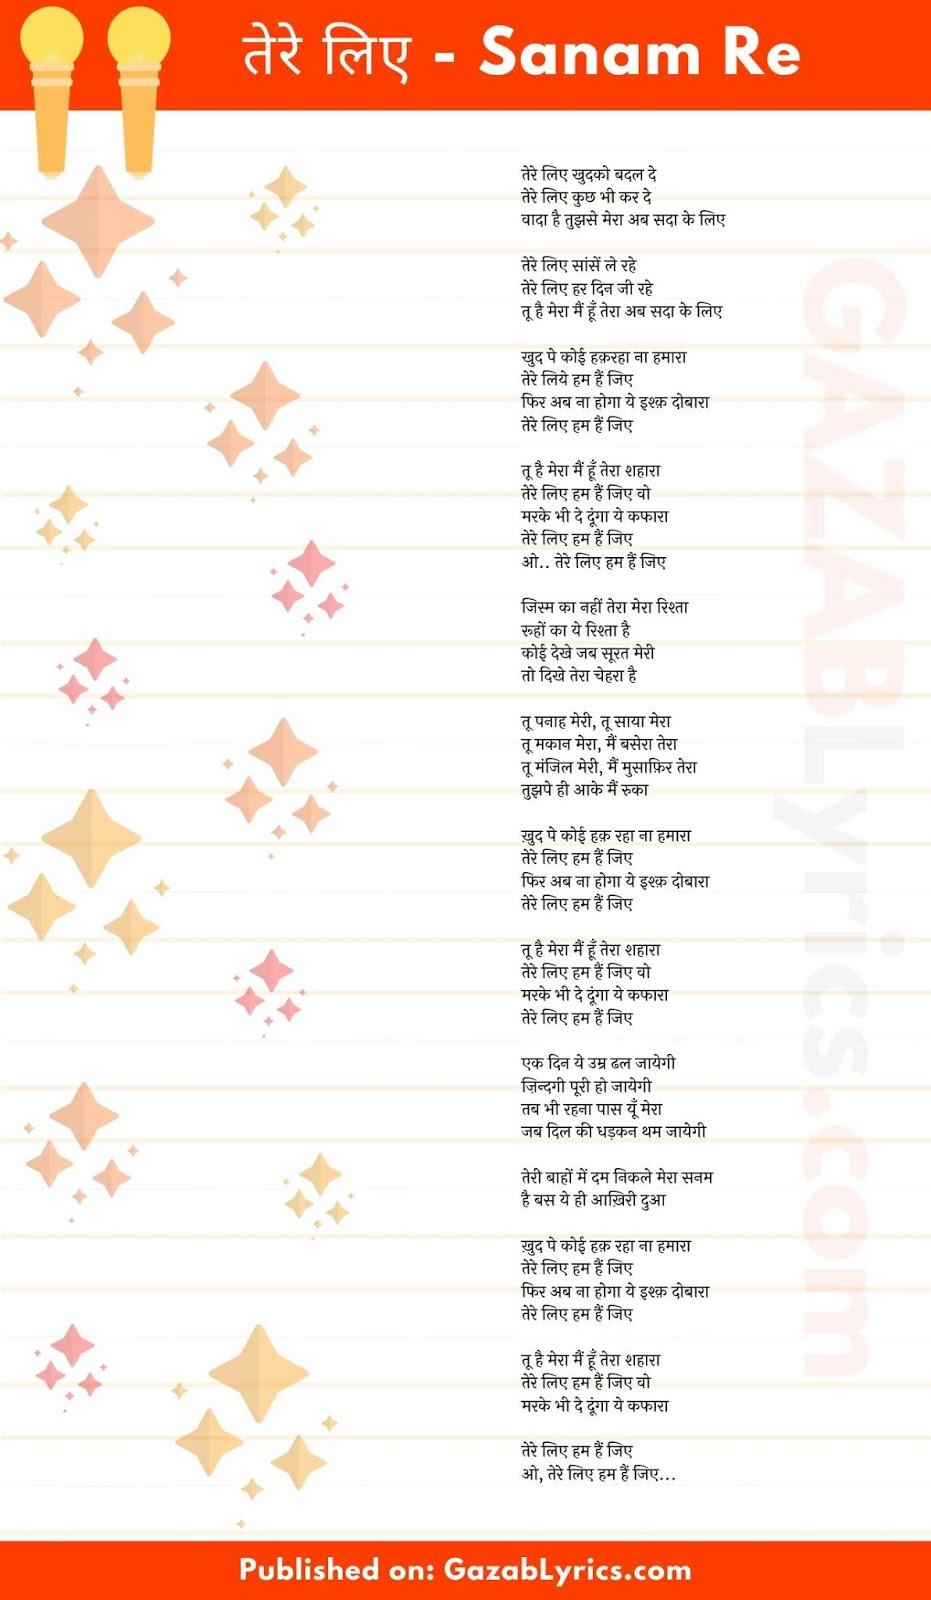 Tere Liye song lyrics image